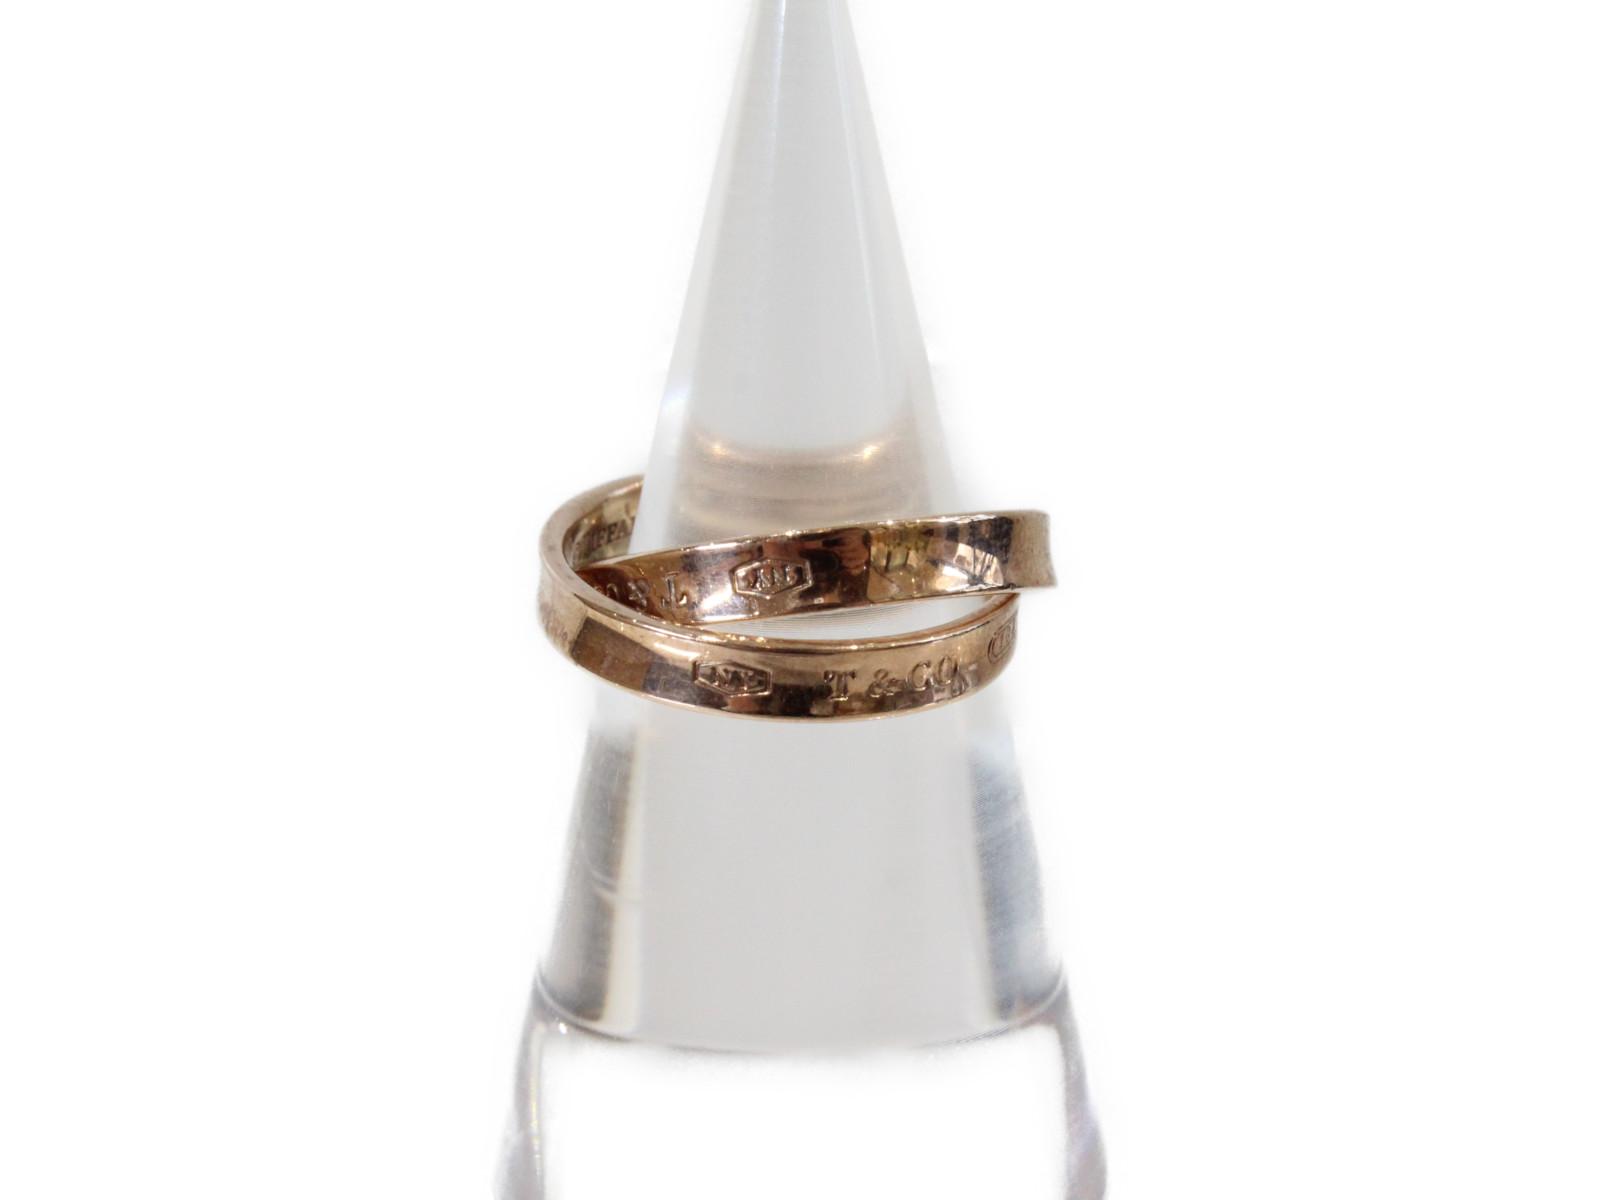 【Tiffany&㏇(ティファニー)】1837インターロッキングメタルリングピンクメタル 11号 ギフト包装可【中古】